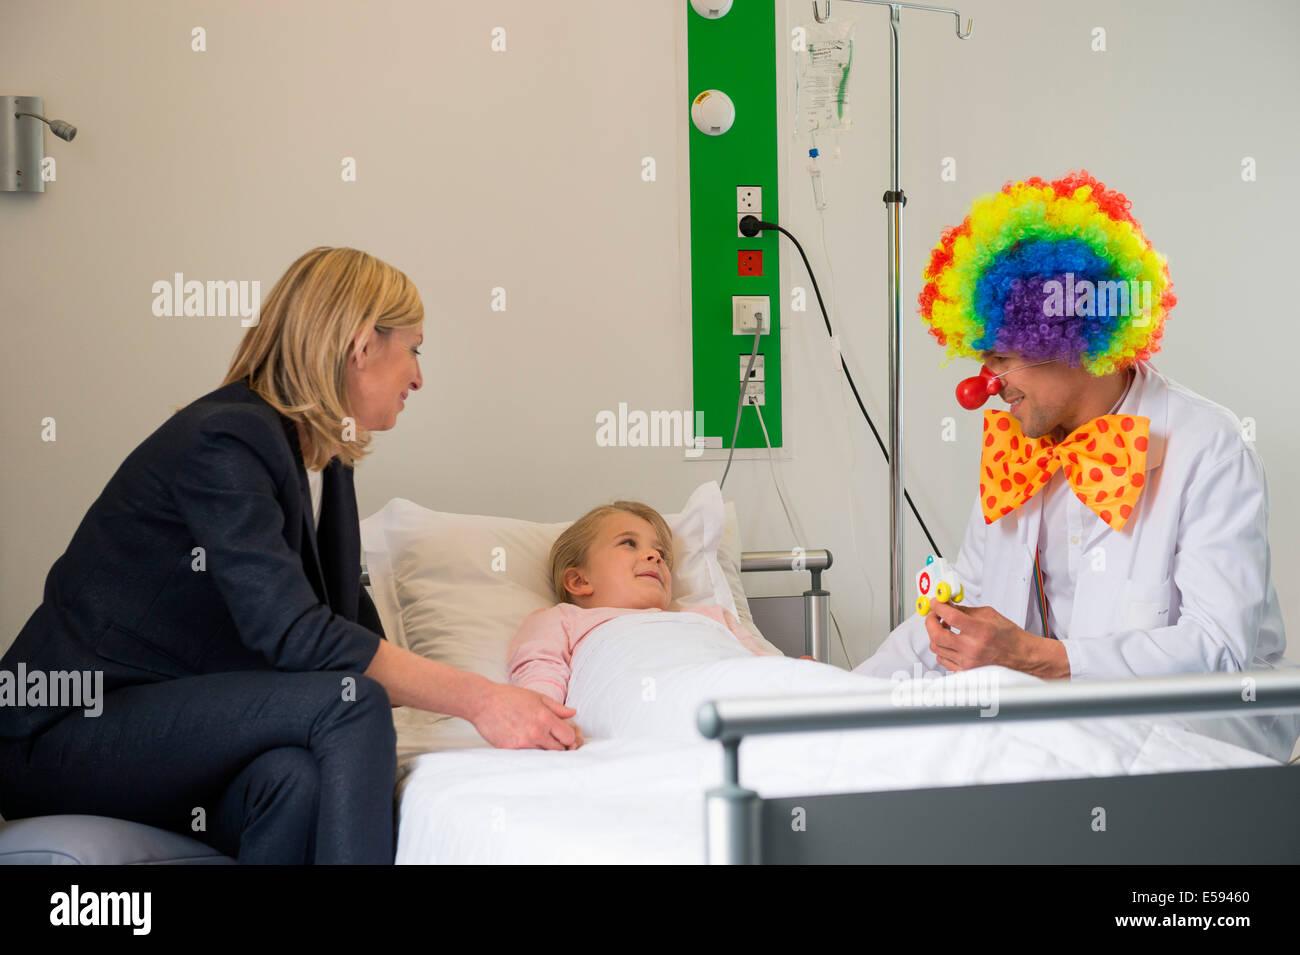 Medico maschio indossando costumi clown rendendo ragazza sorriso del paziente nel letto di ospedale Immagini Stock